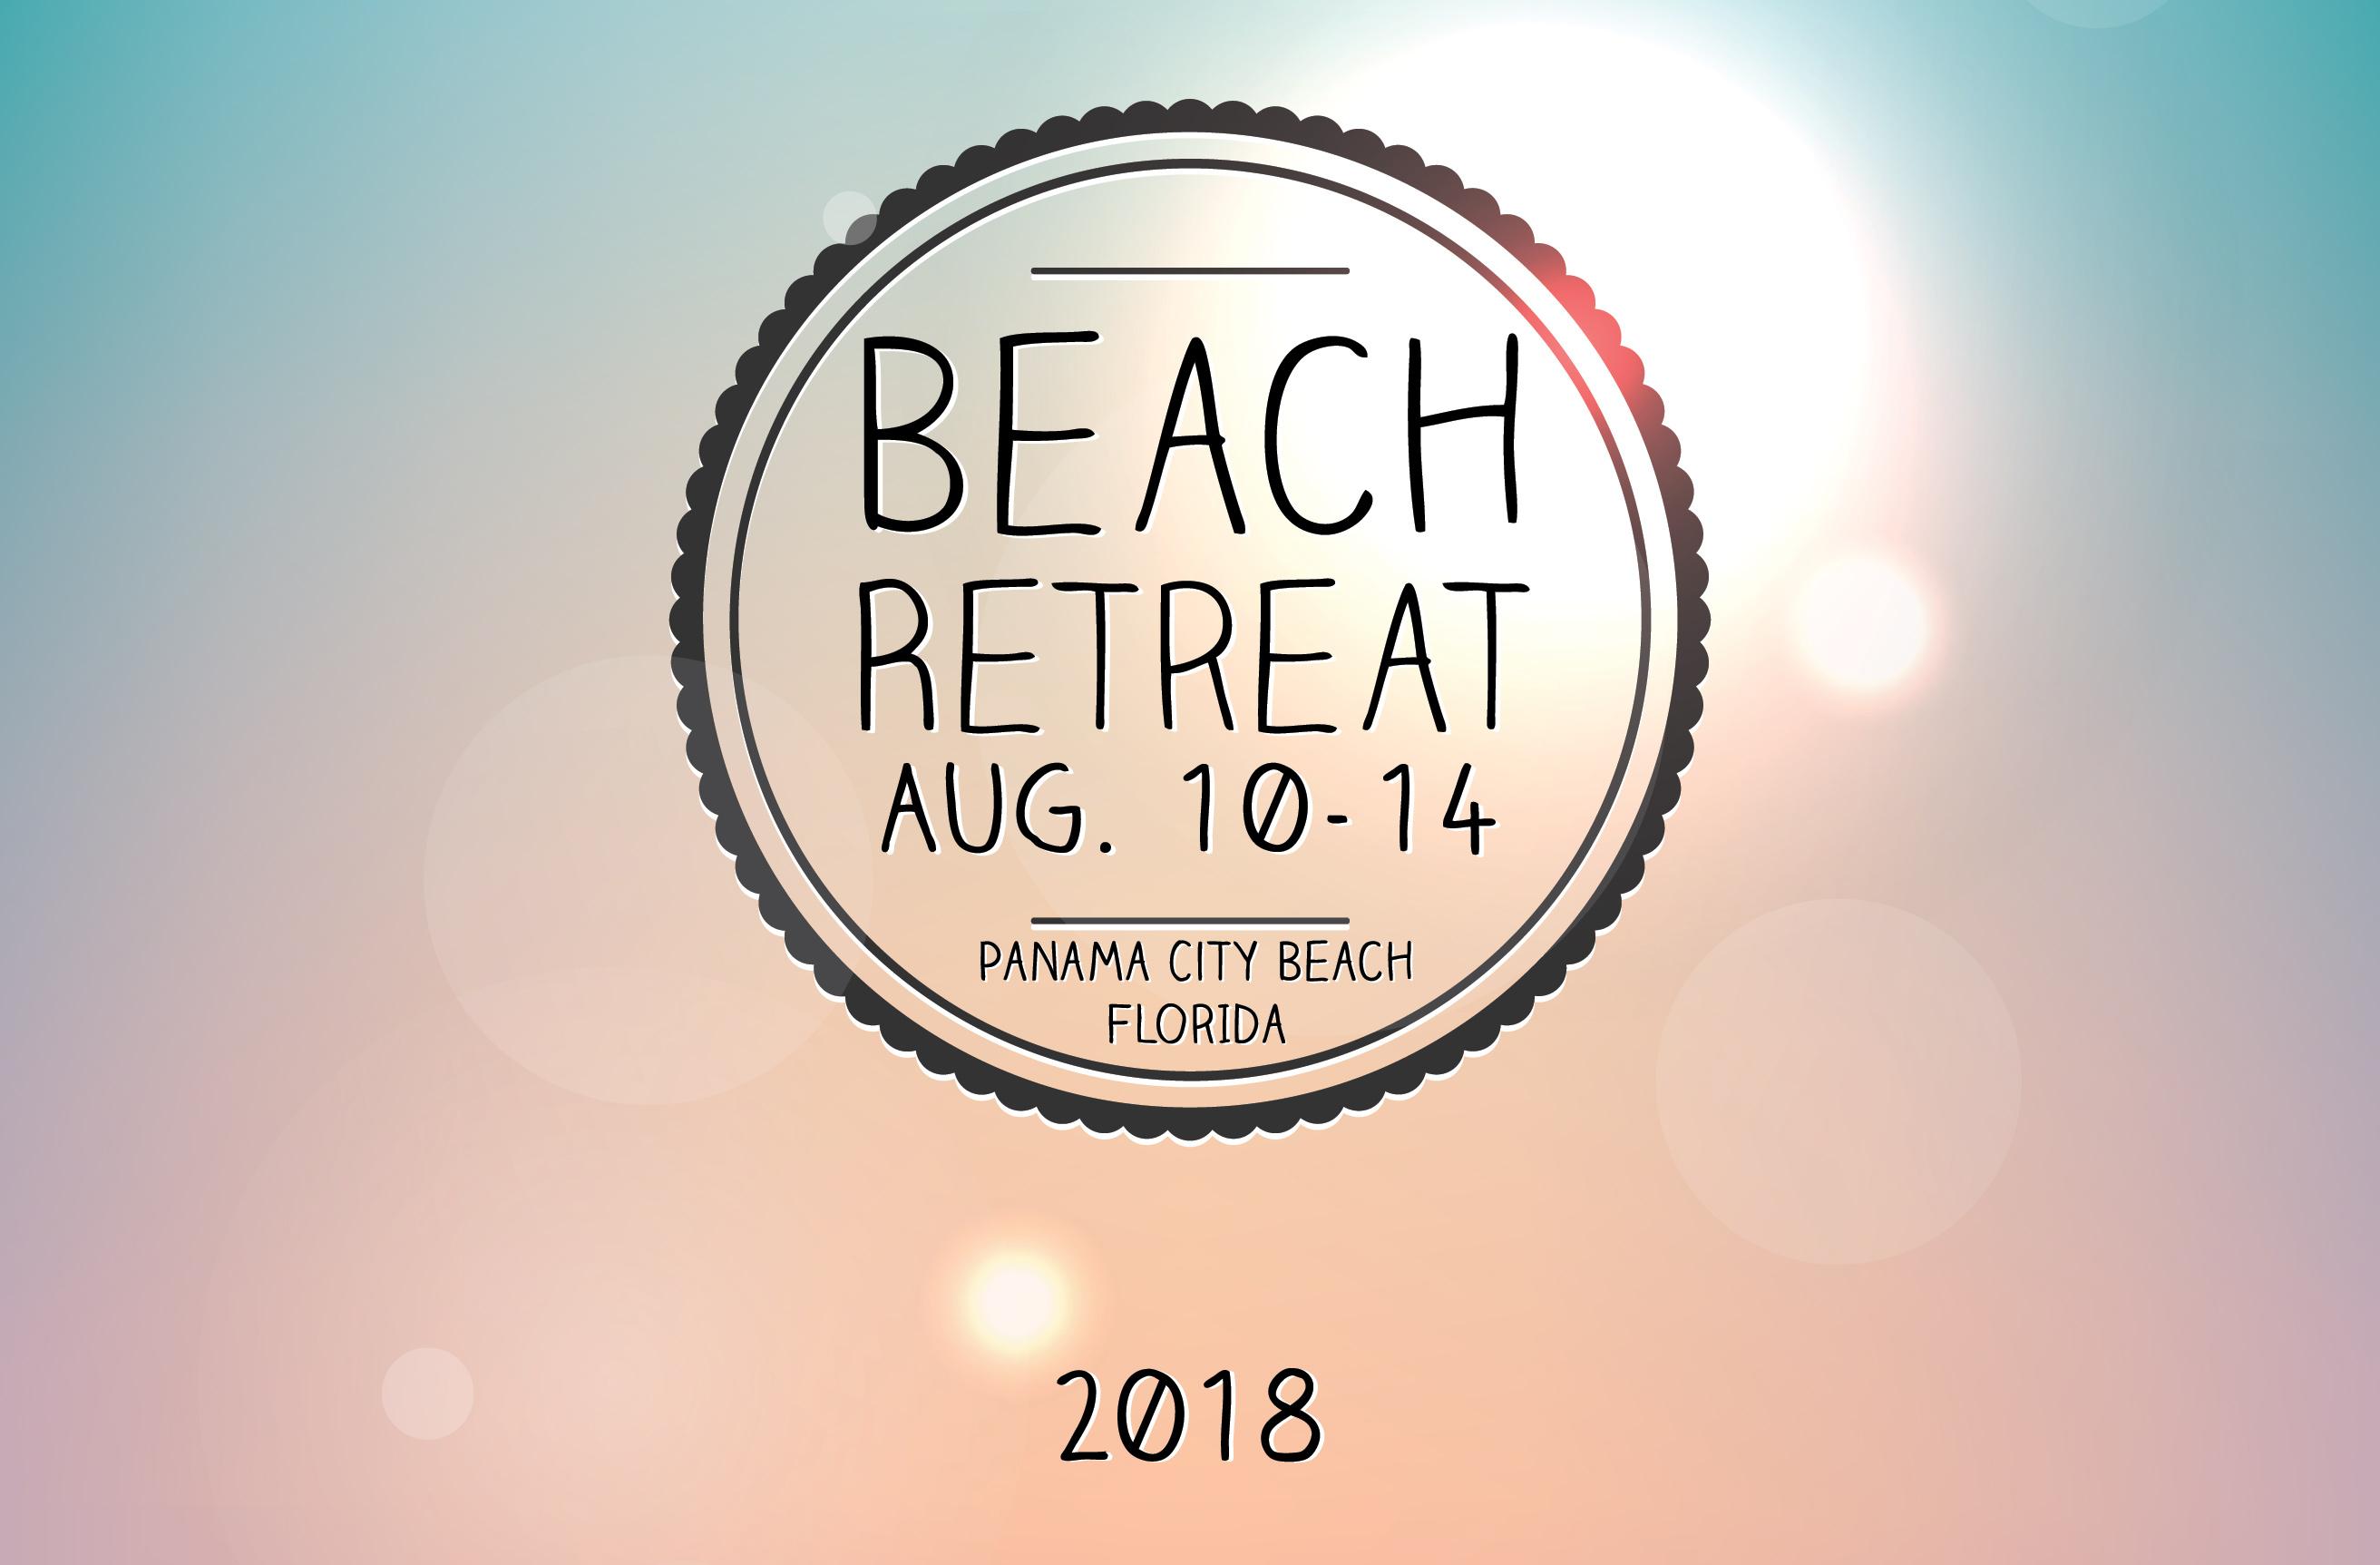 Beachretreat2018updated